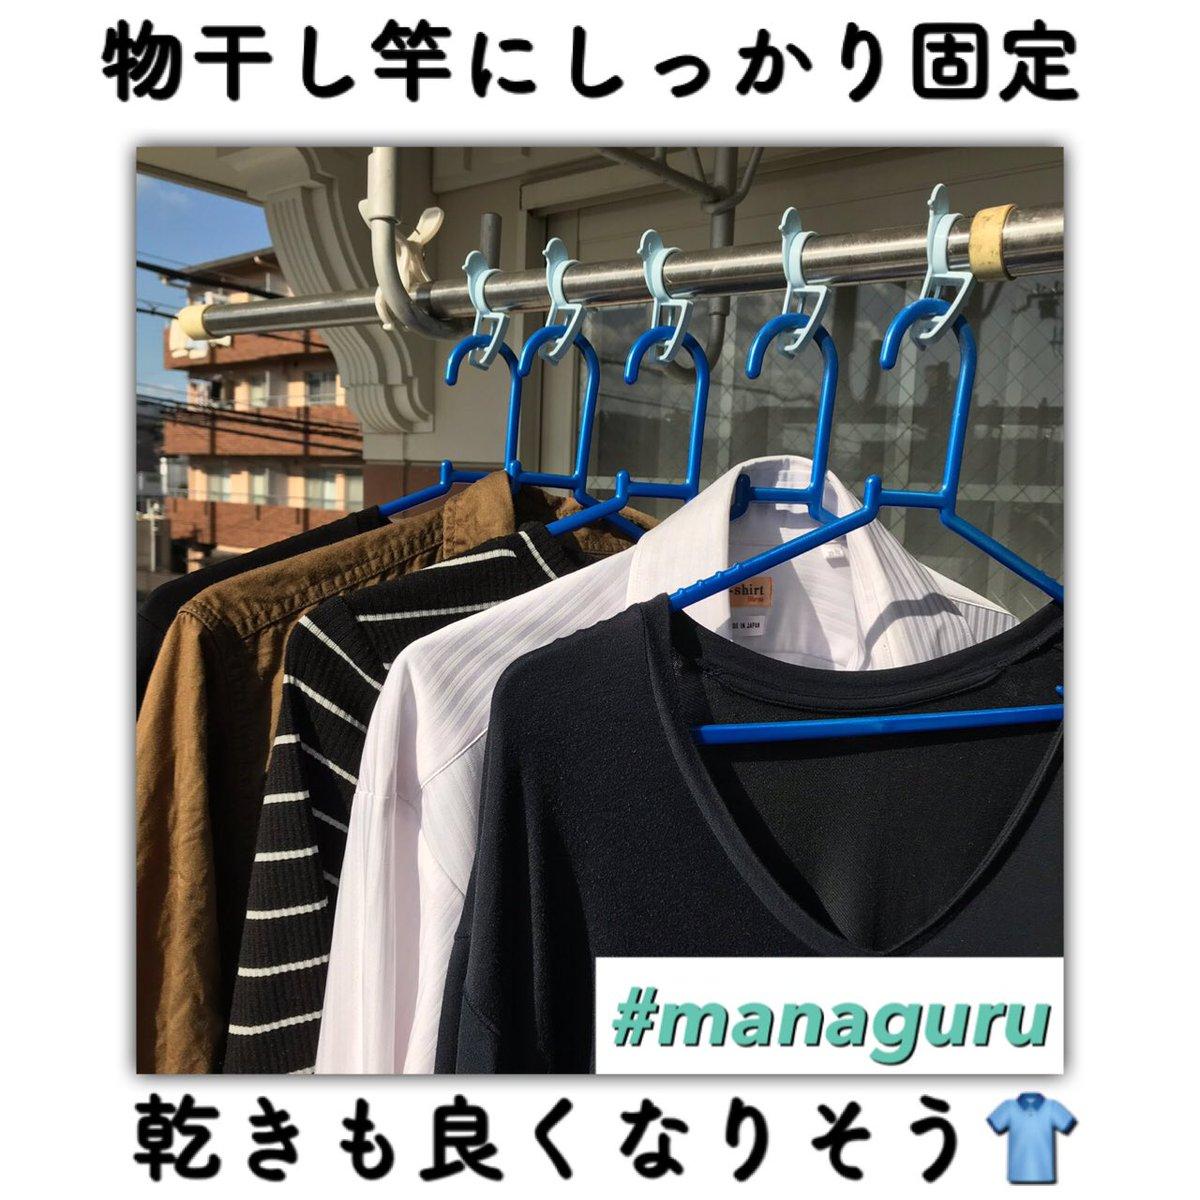 test ツイッターメディア - ▽バードキャッチ(5個入)  ハンガーが等間隔でかけられて  細いハンガーも太いハンガーもしっかり固定できる優れもの 風が強い日、薄い衣類だと隣の屋根に飛んでっちゃうから助かる😂洗濯干す時、見栄えも気にする派だから綺麗な間隔で干せるのもgood👍#managuru #lifeinJapan#DAISO  #Seria #CanDo https://t.co/nlKpEC5wmV